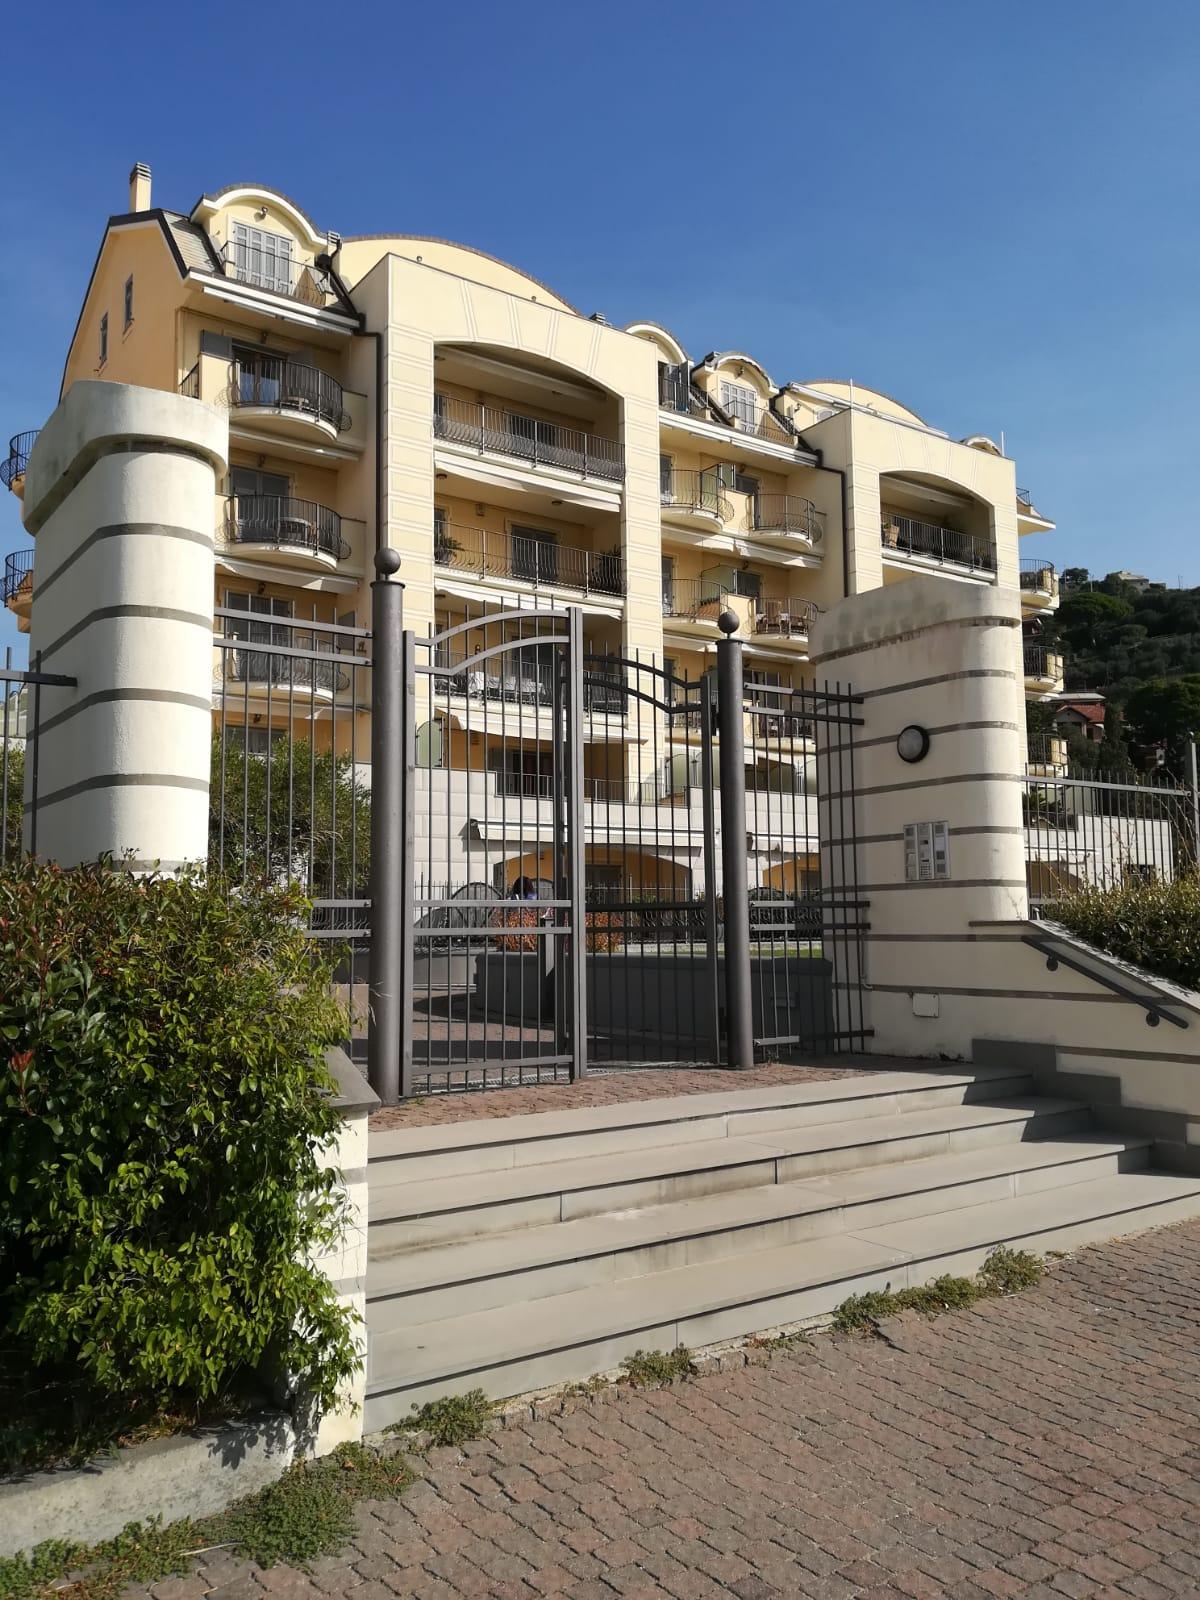 Appartamento in vendita a Finale Ligure, 2 locali, prezzo € 580.000   PortaleAgenzieImmobiliari.it